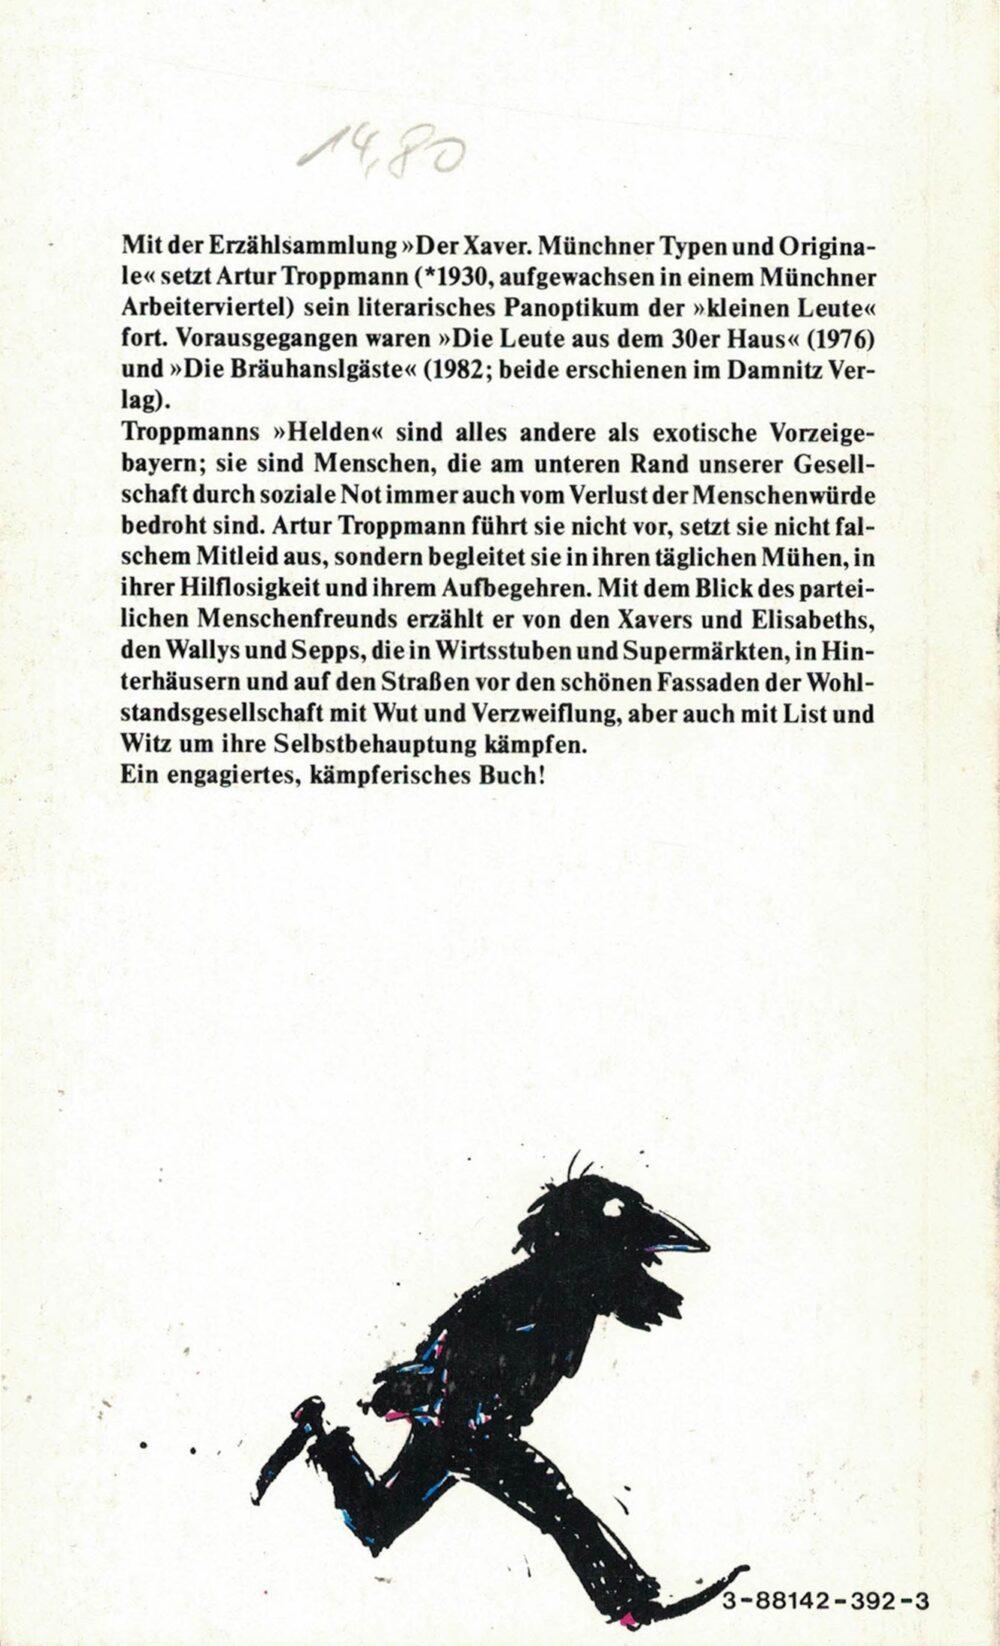 Artur Troppmann - Der Xaver - Münchner Typen und Originale